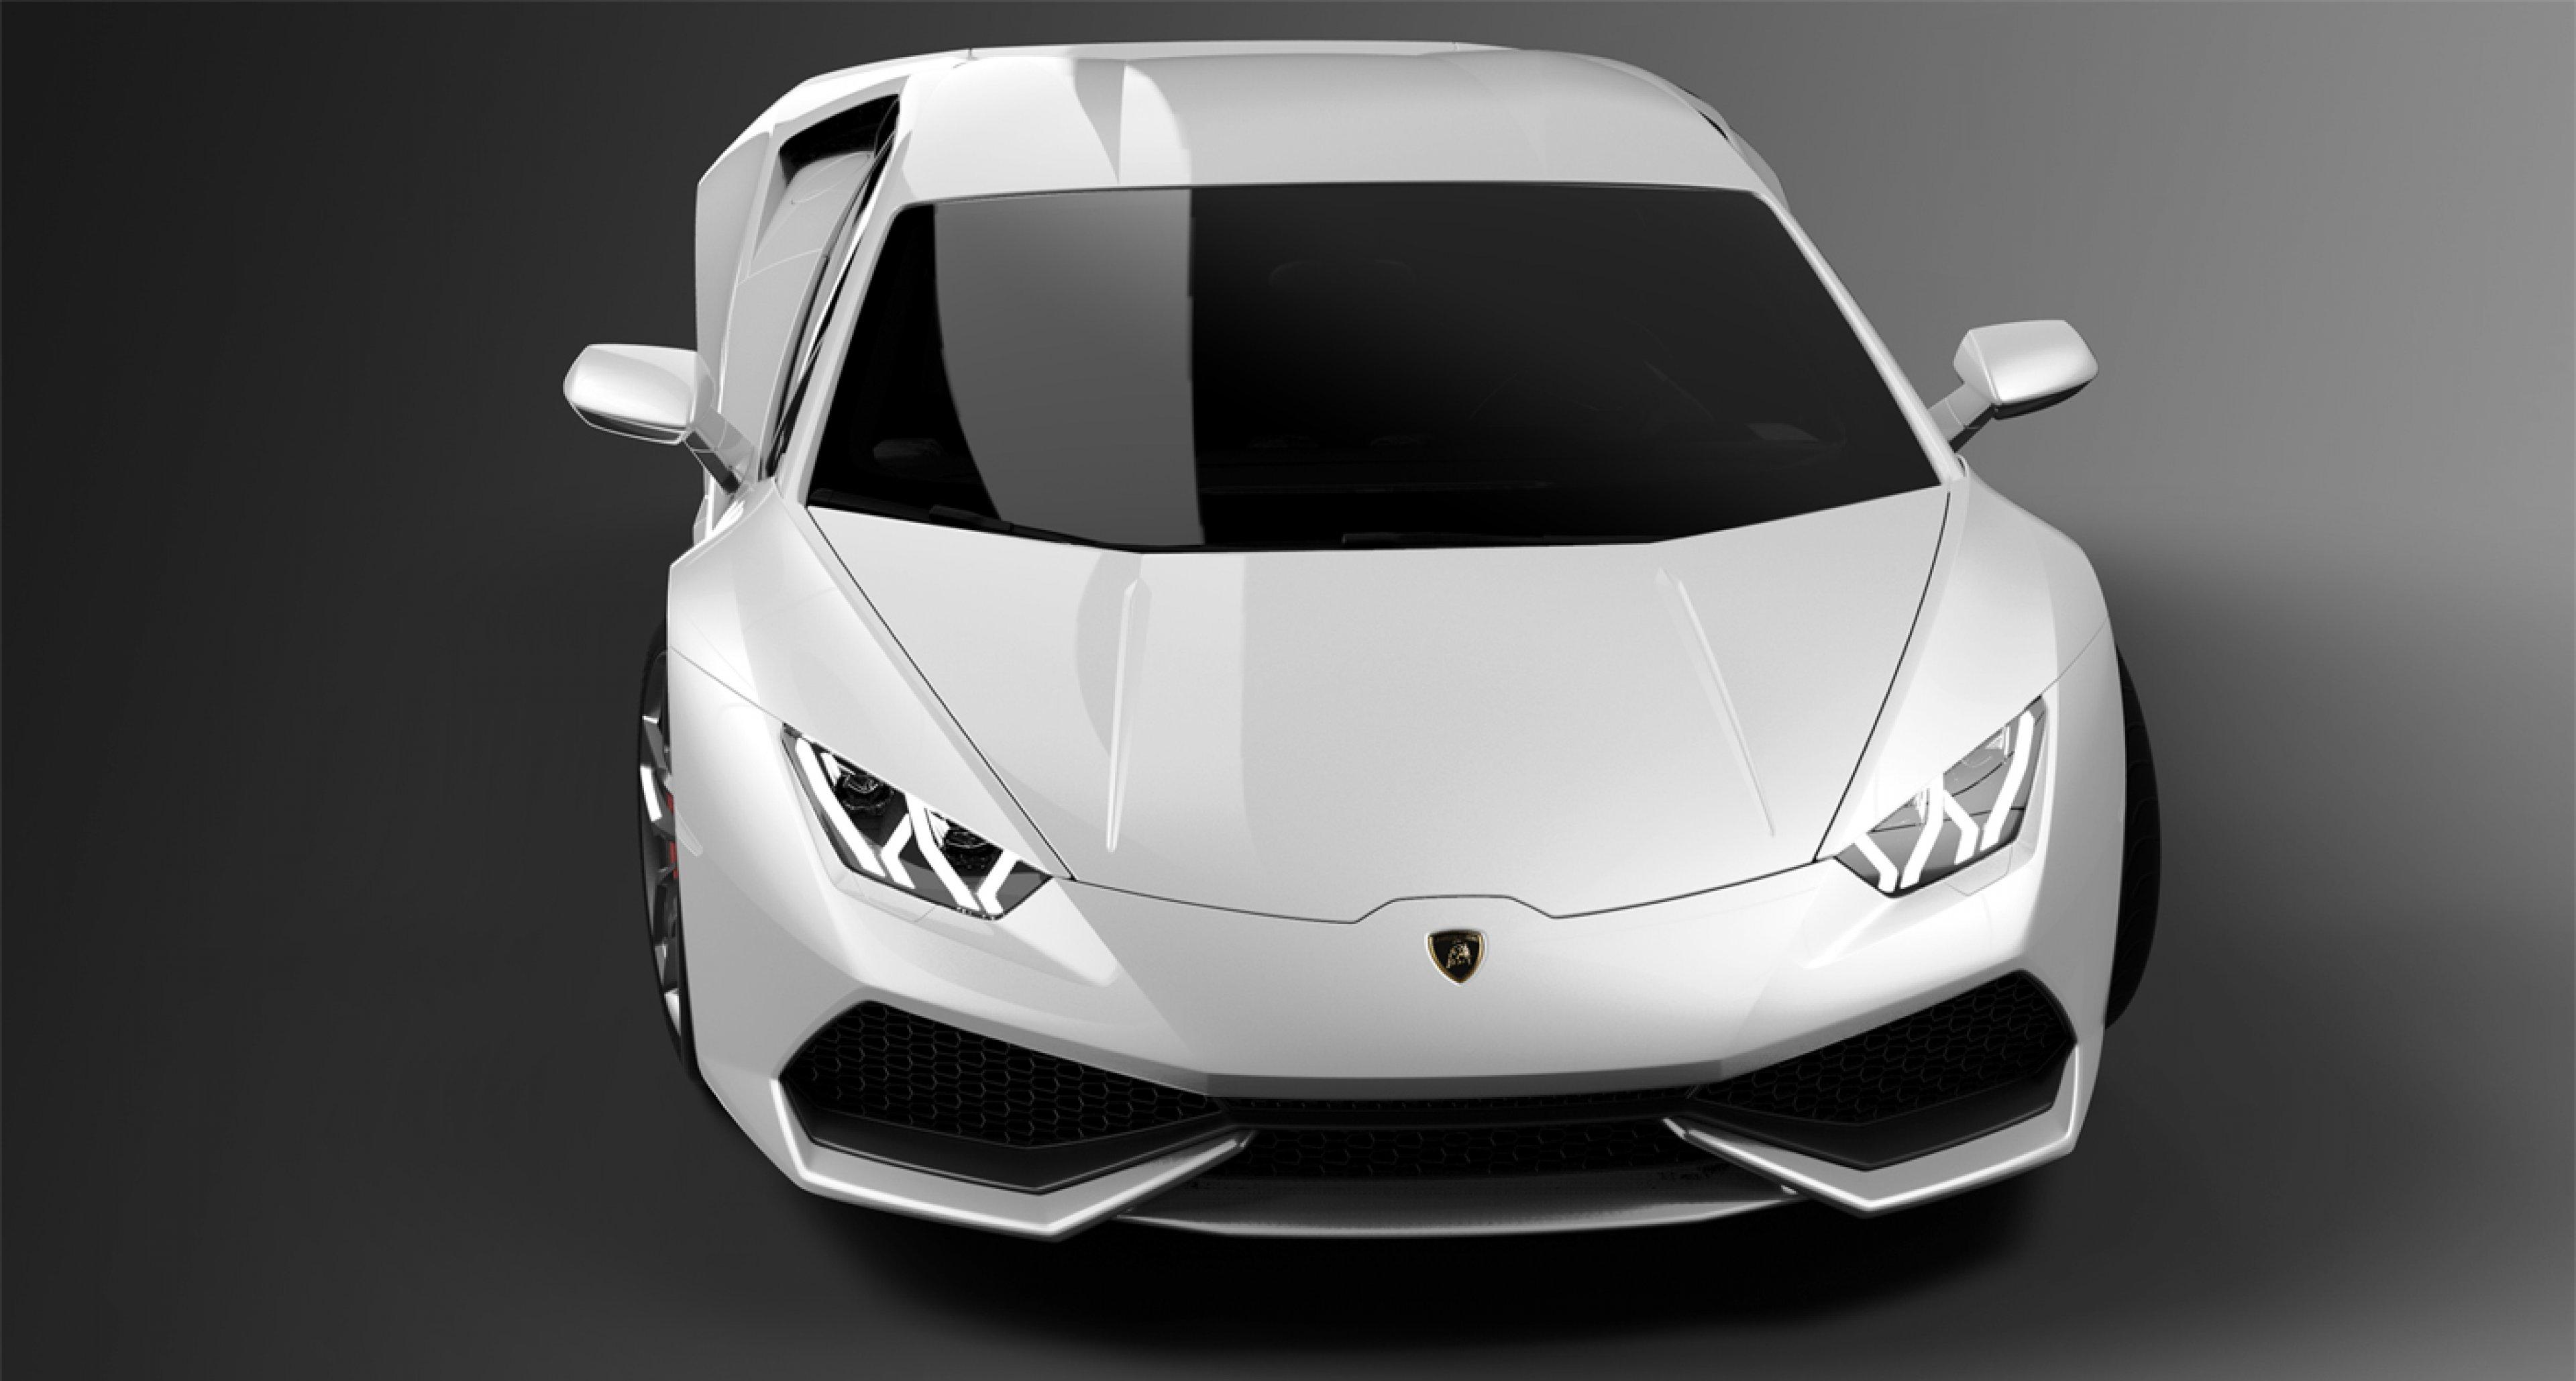 The new Lamborghini Huracán LP 610-4.